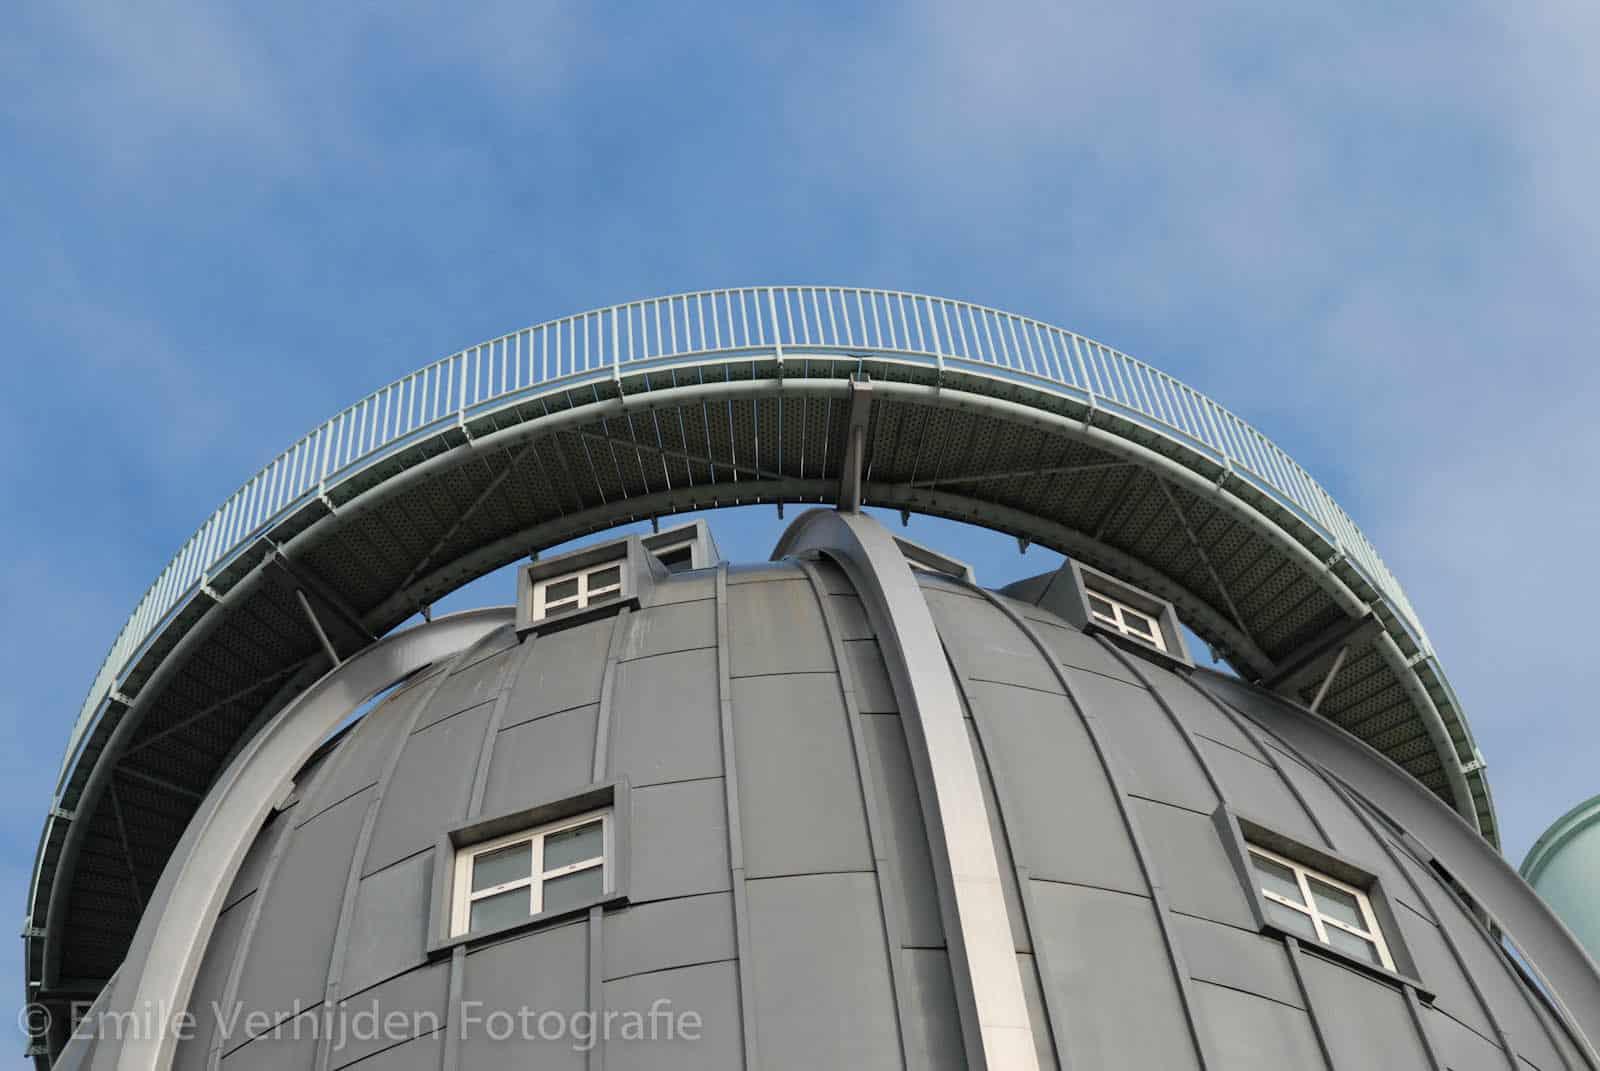 Fotograaf voor bedrijven - Maastricht Bonnefanten Museum